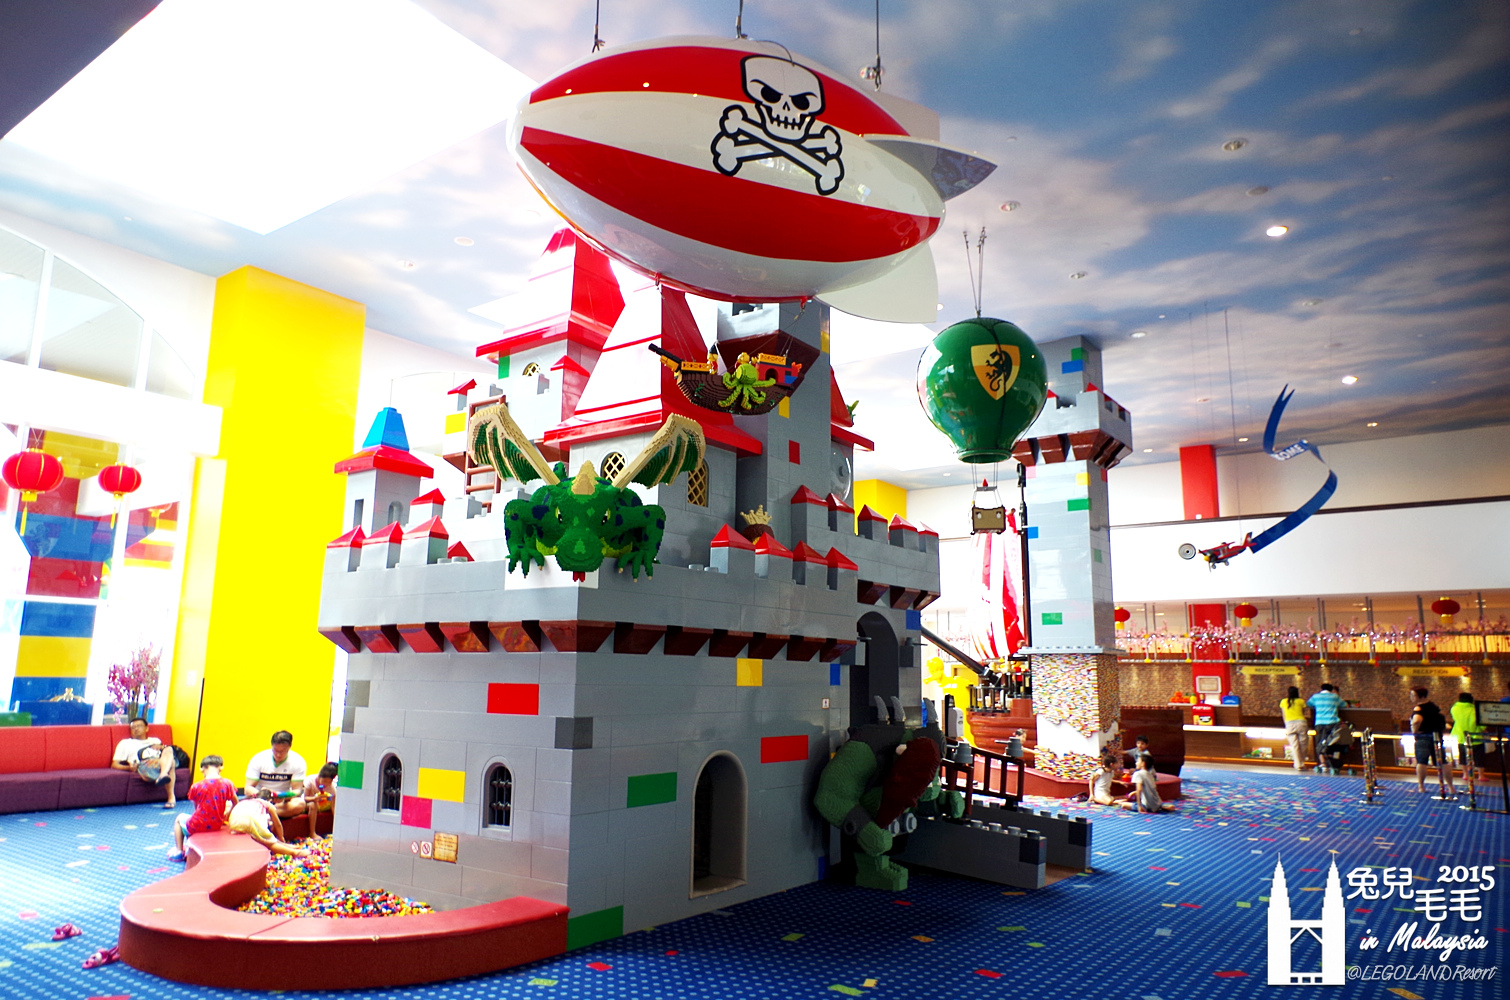 0216-Legoland Malaysia Resort-07.jpg